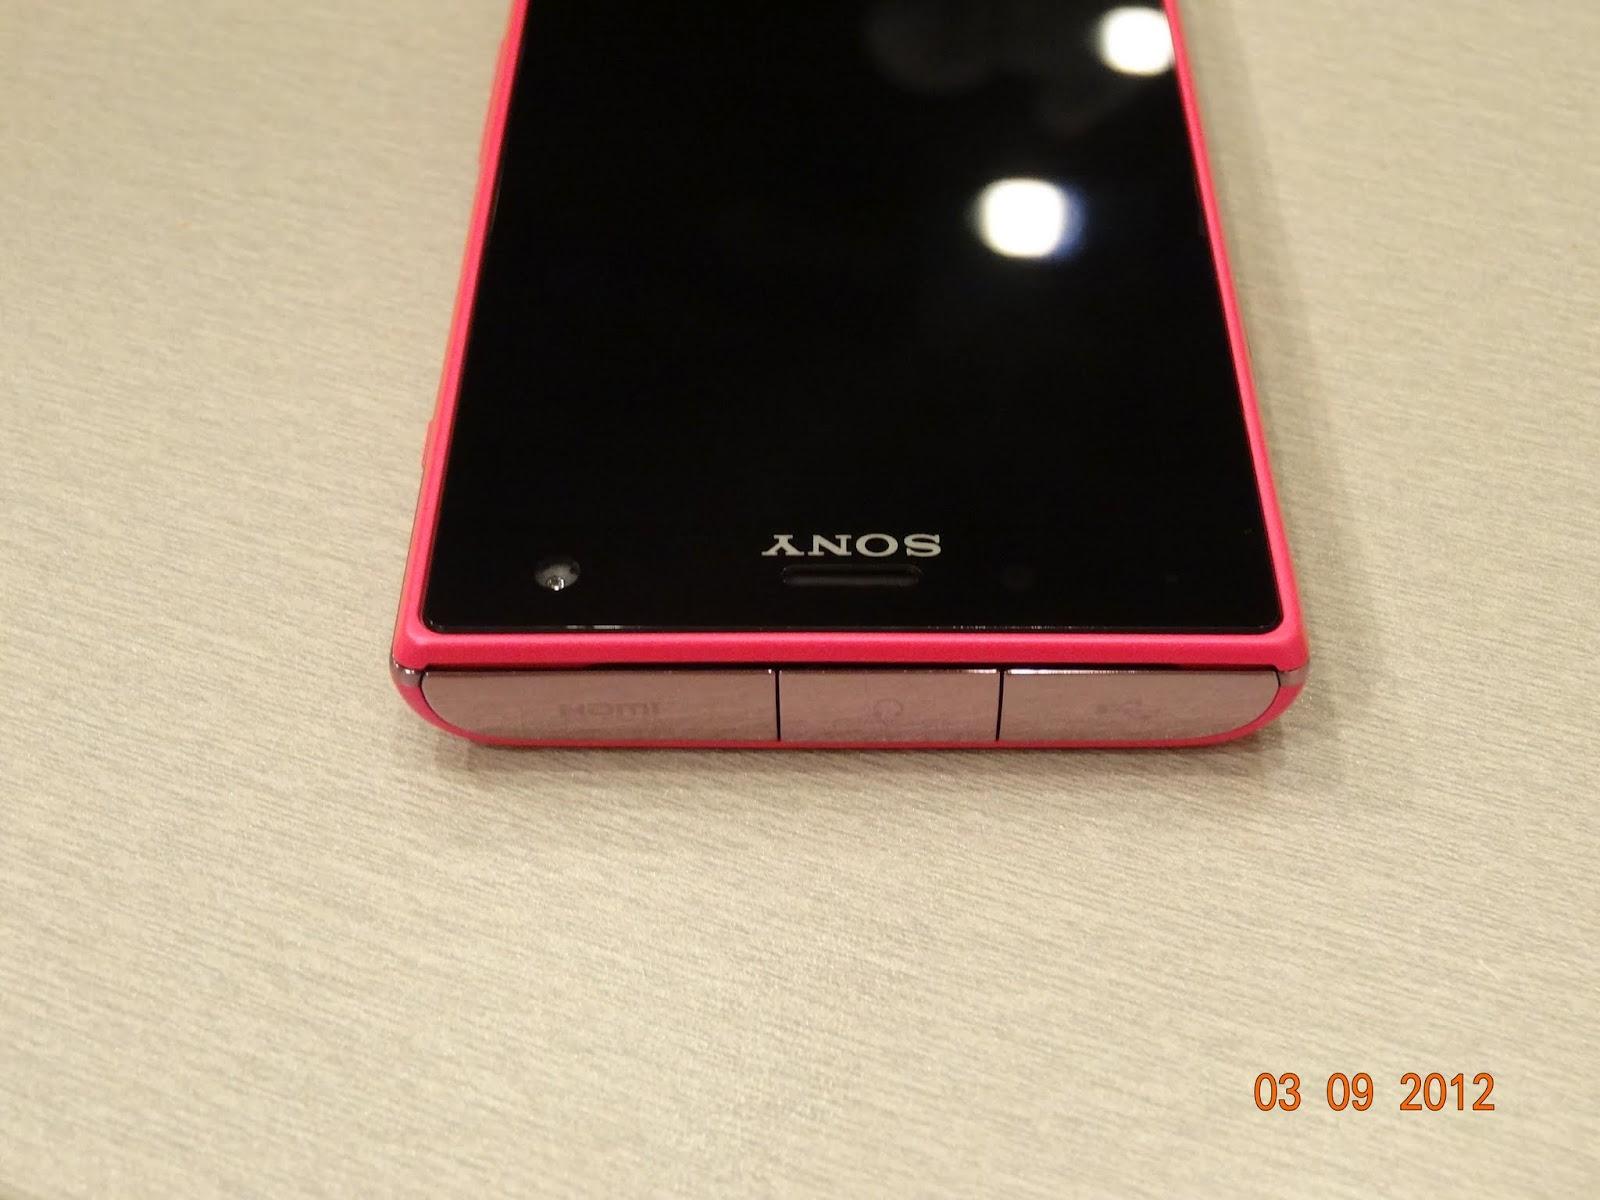 數位及敗家版鮪魚小籠包: [手機]SONY 三防手機 Xperia Acro S 開箱